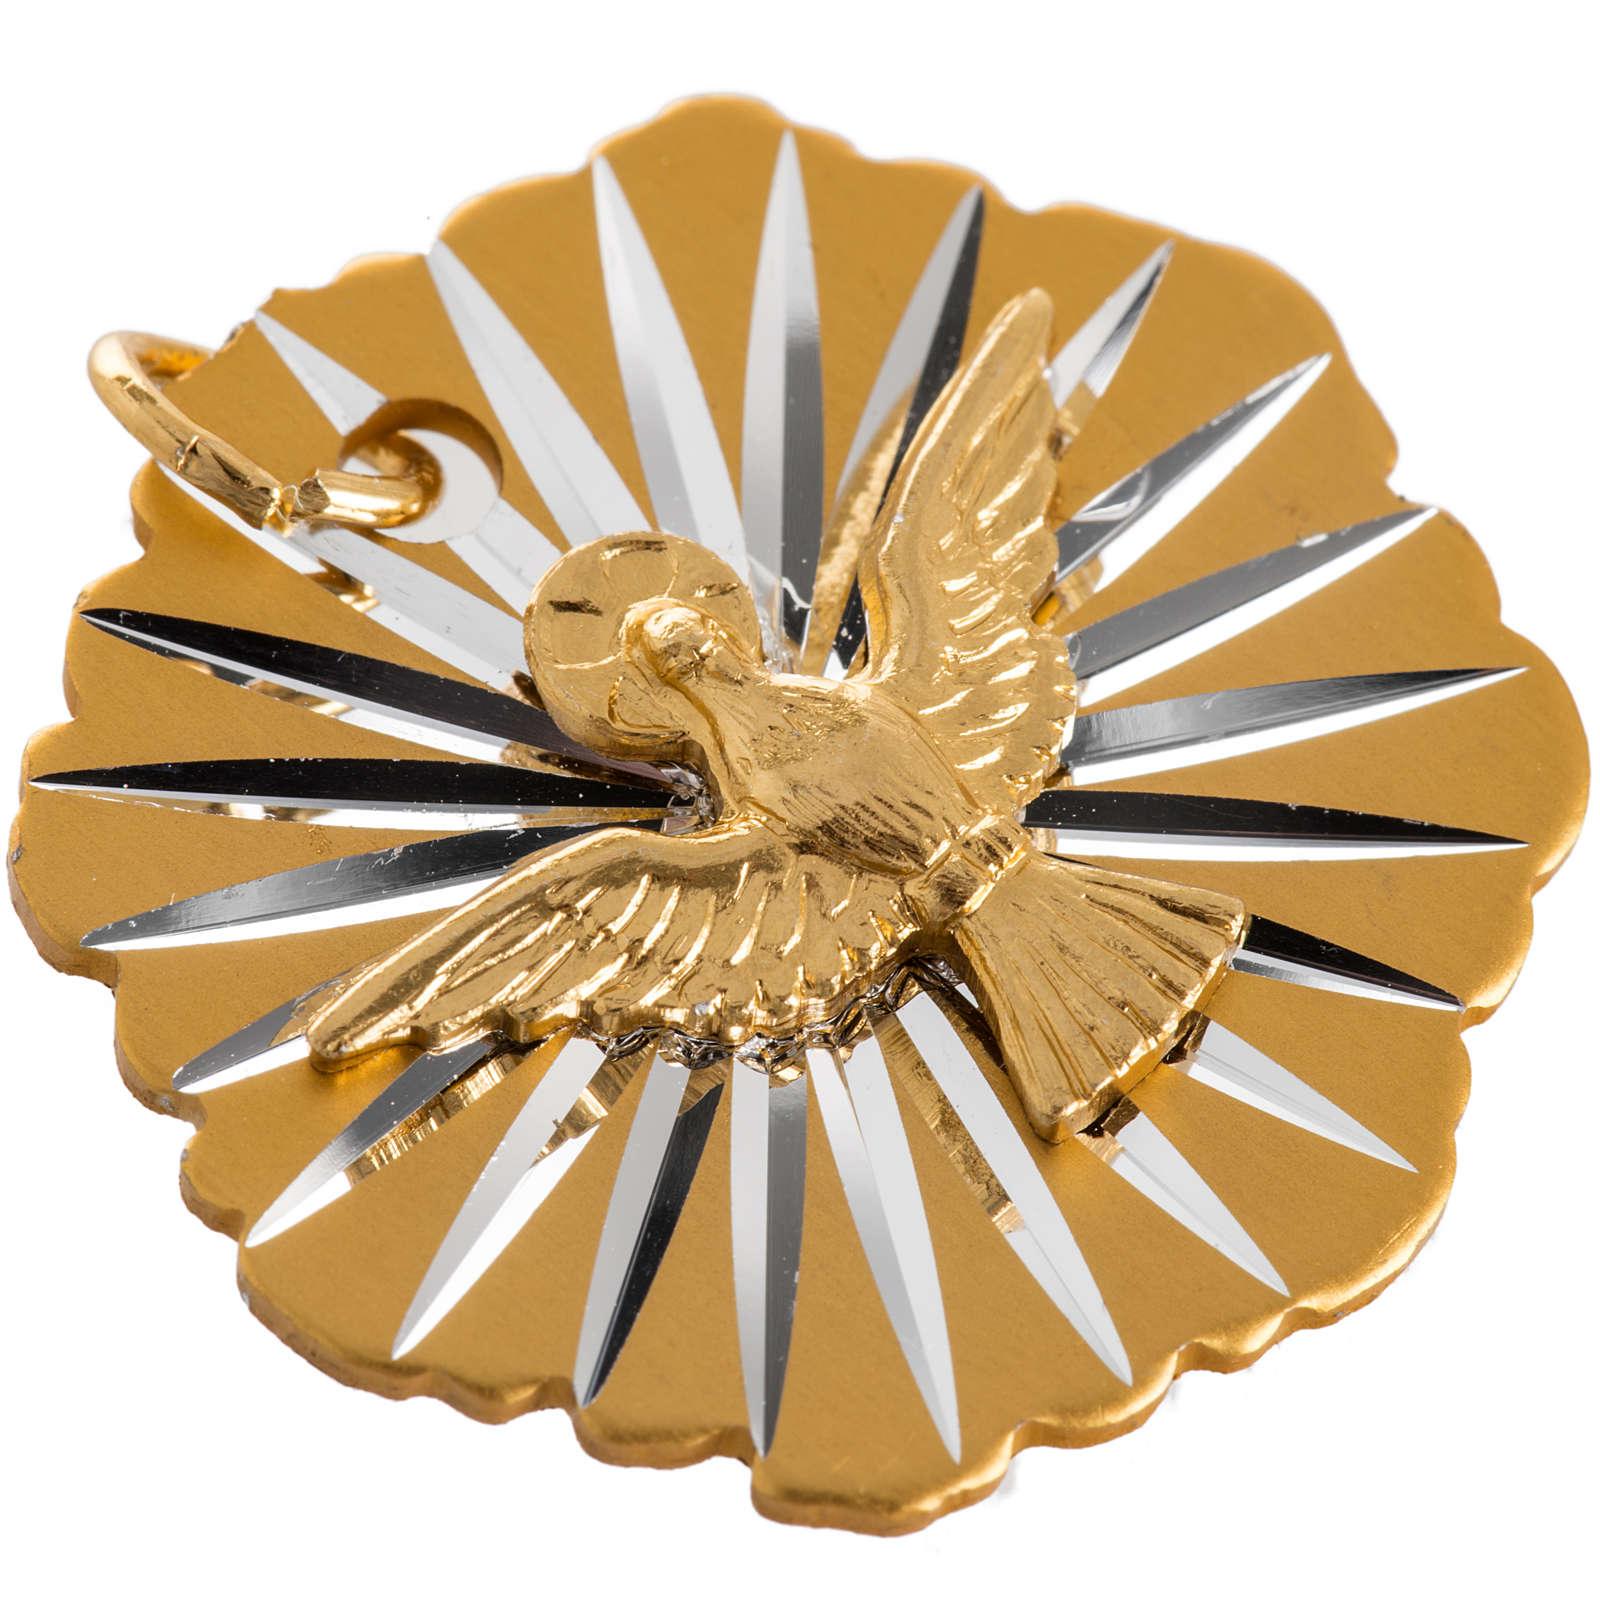 Medalla Confirmación aluminio dorado 25mm 4